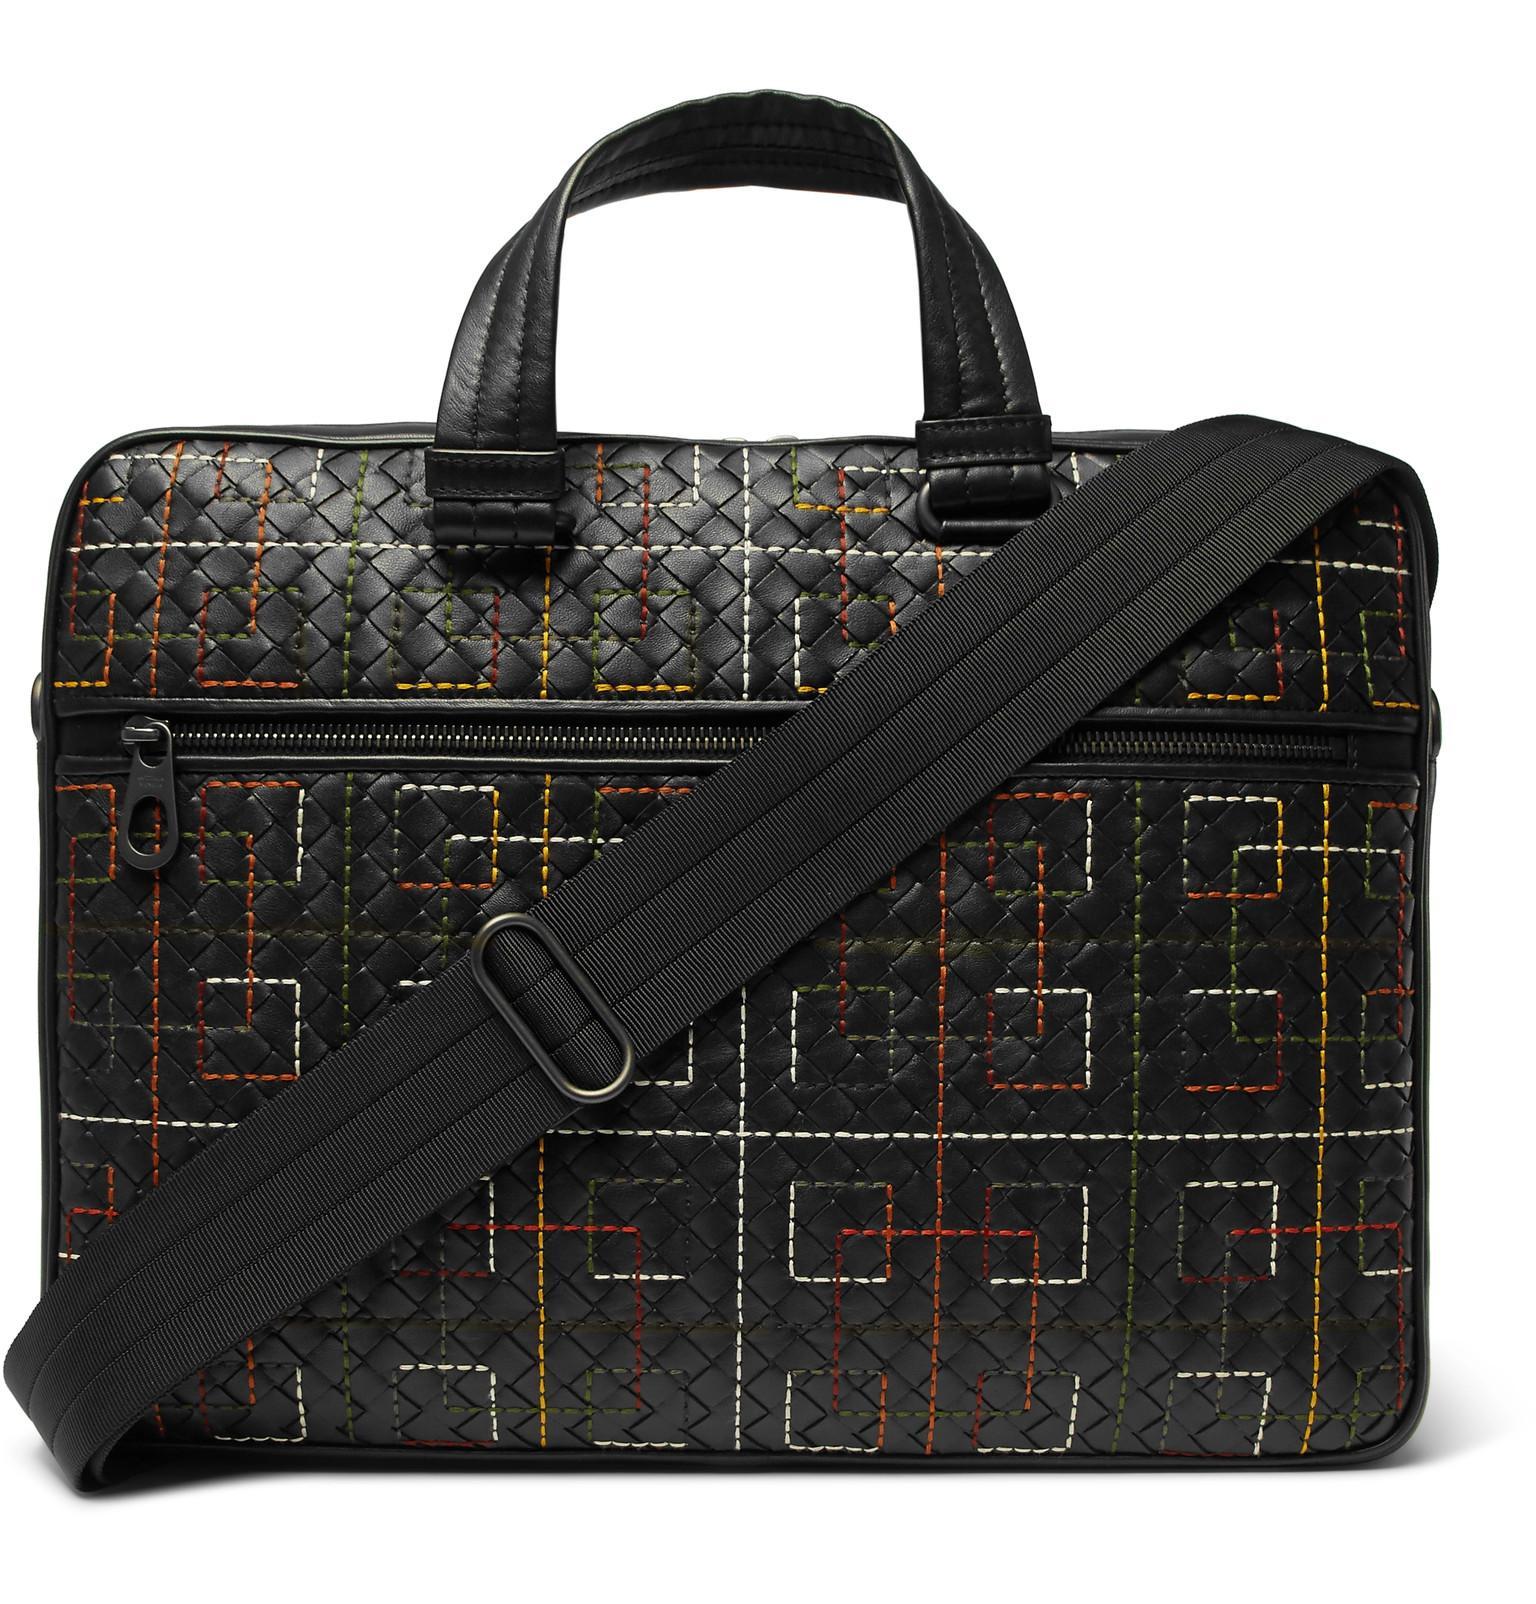 40944ff35a19 Bottega Veneta Embroidered Intrecciato Leather Briefcase in Black ...